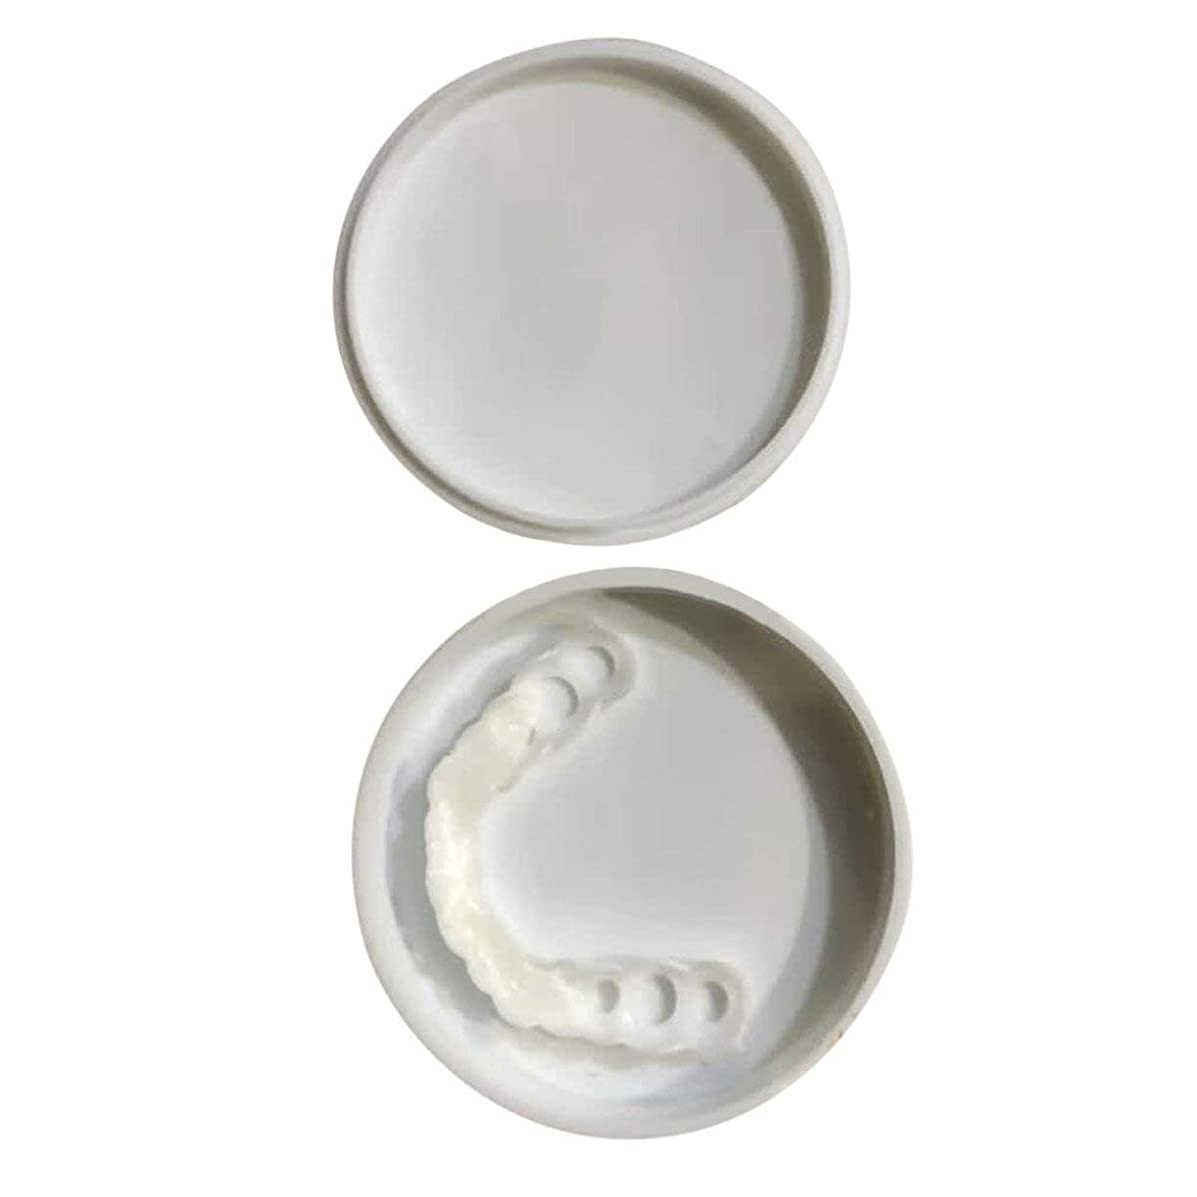 欠陥サイクロプスリード快適なスナップオン男性女性歯インスタントパーフェクトスマイルコンフォートフィットフレックス歯フィットホワイトニング笑顔偽歯カバー - ホワイト